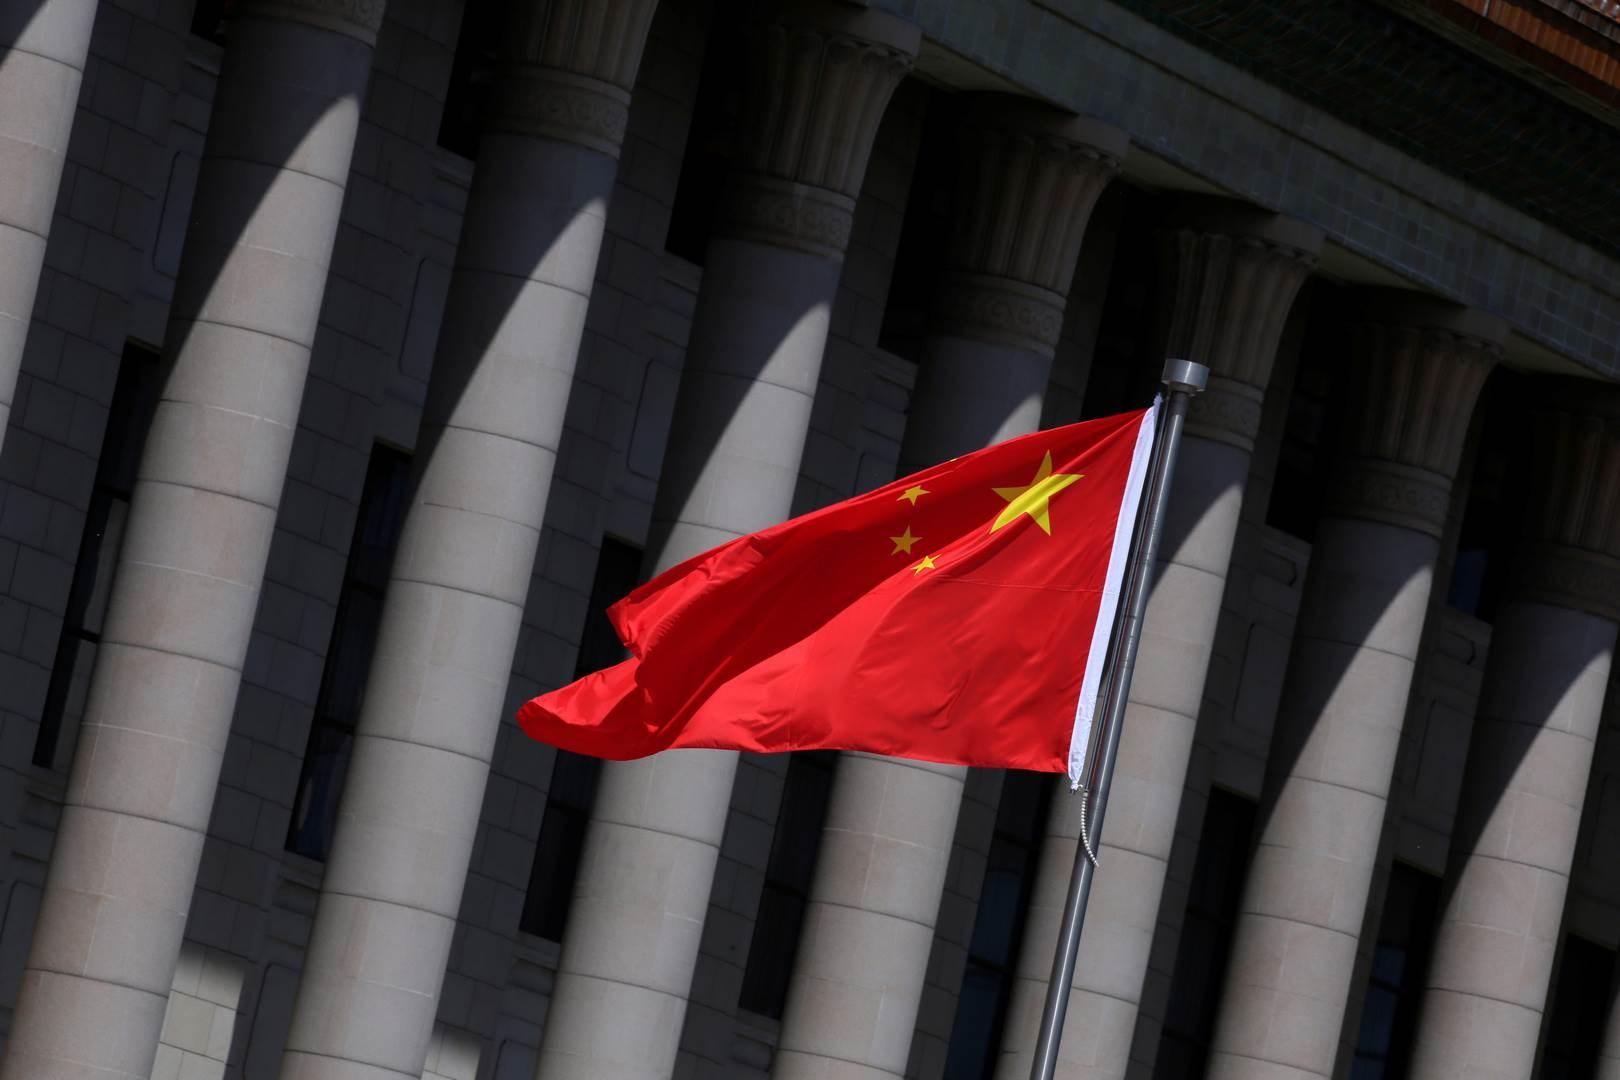 بكين تؤكد أن اعتقال المواطنين الكنديين ليس له علاقة باعتقال كندا للمديرة المالية لشركة هواوي